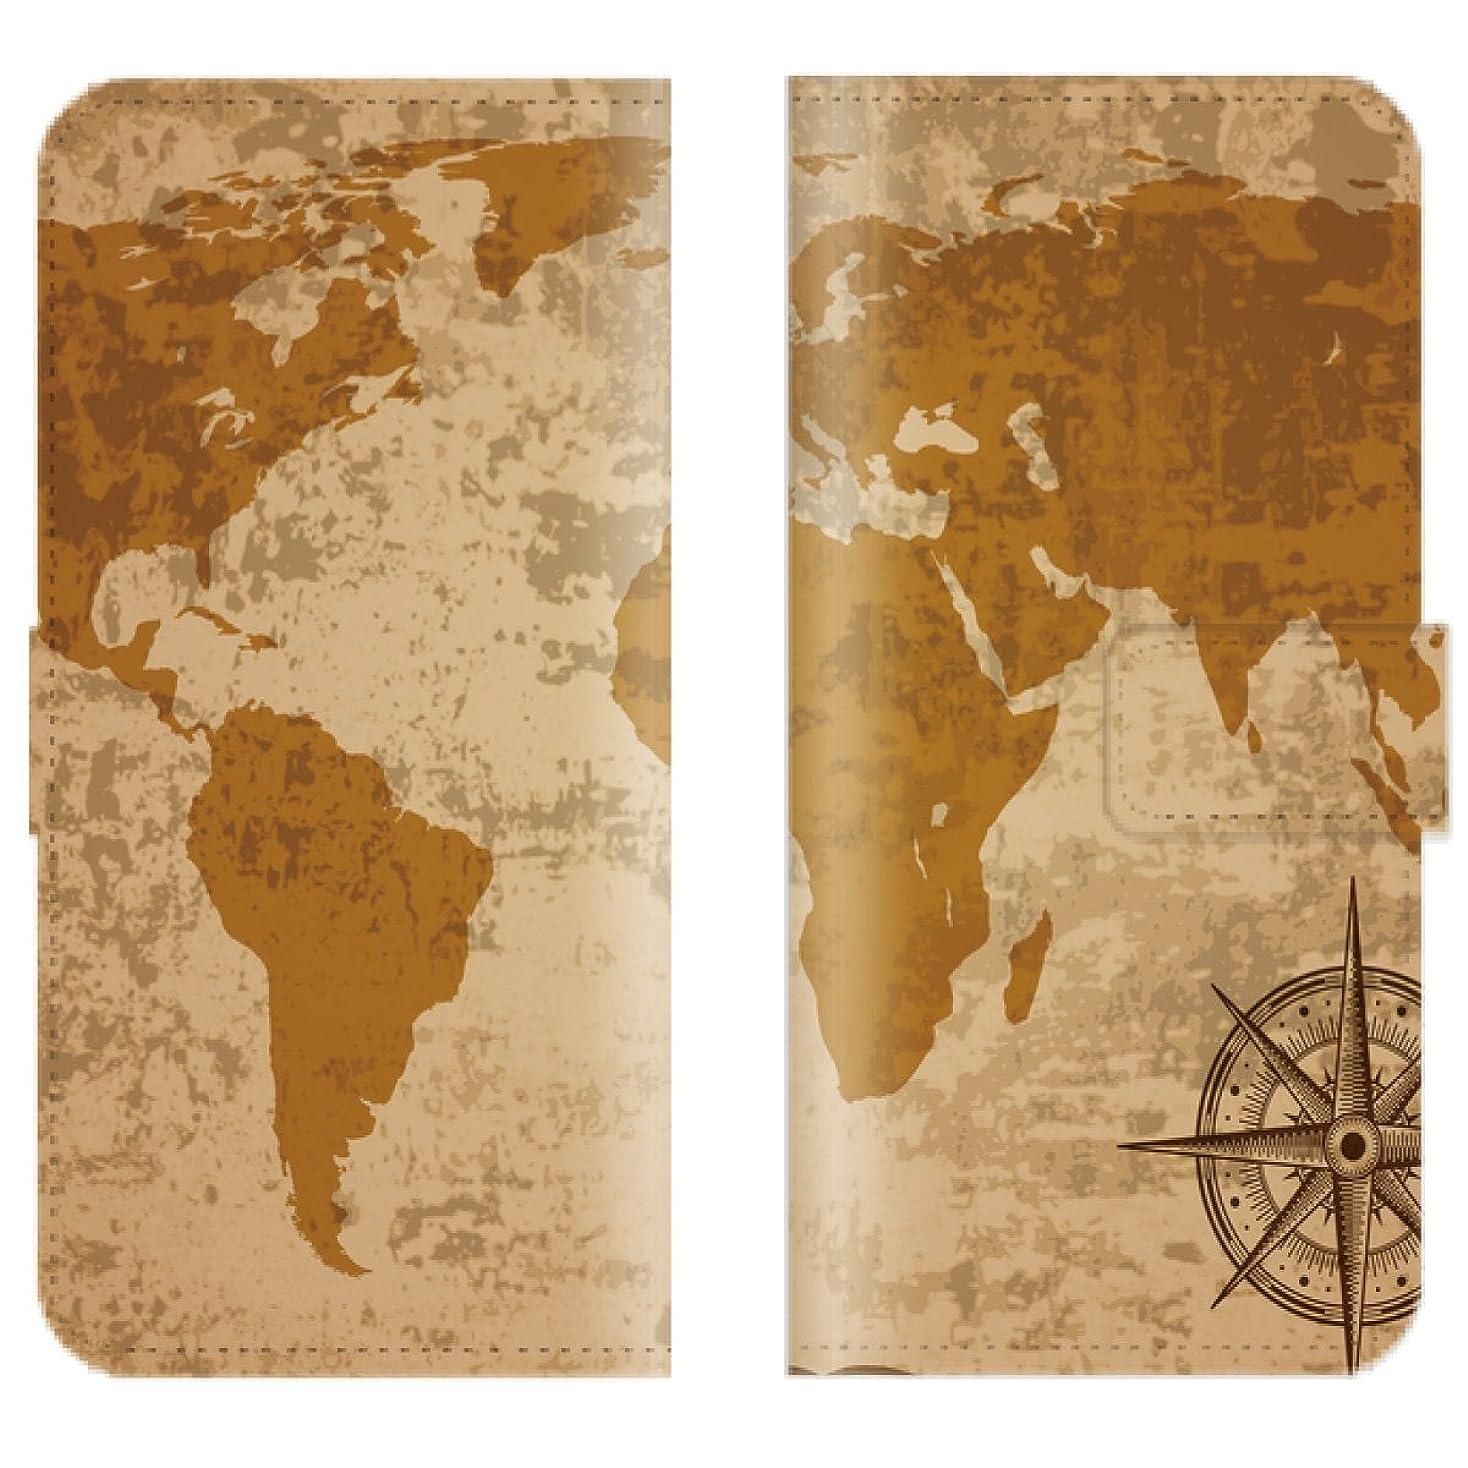 グリット登場とても多くの【 ankh 】 手帳型ケース 全機種対応 【 GALAXY Note3 SC-01F ギャラクシー ノート3 SC-01F専用 】 地図 国旗 map 世界地図 図柄 おしゃれ 旅行 ヴィンテージ ブック型 二つ折り レザー 手帳カバー スマホケース スマートフォン